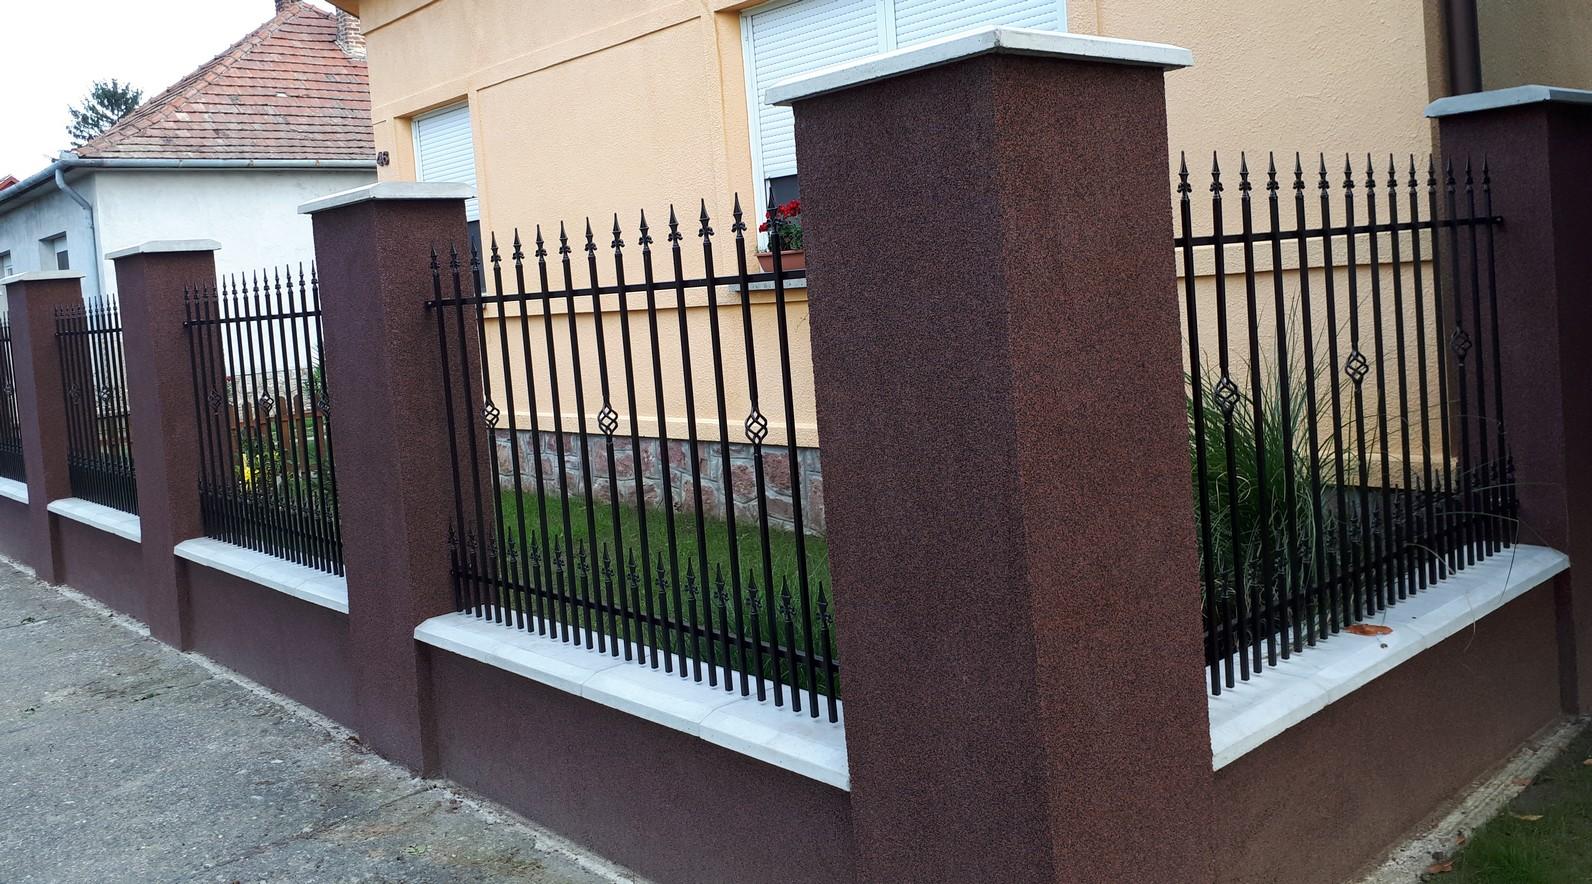 kovácsoltvas kapu kerítés árak Budapest, Pest megye